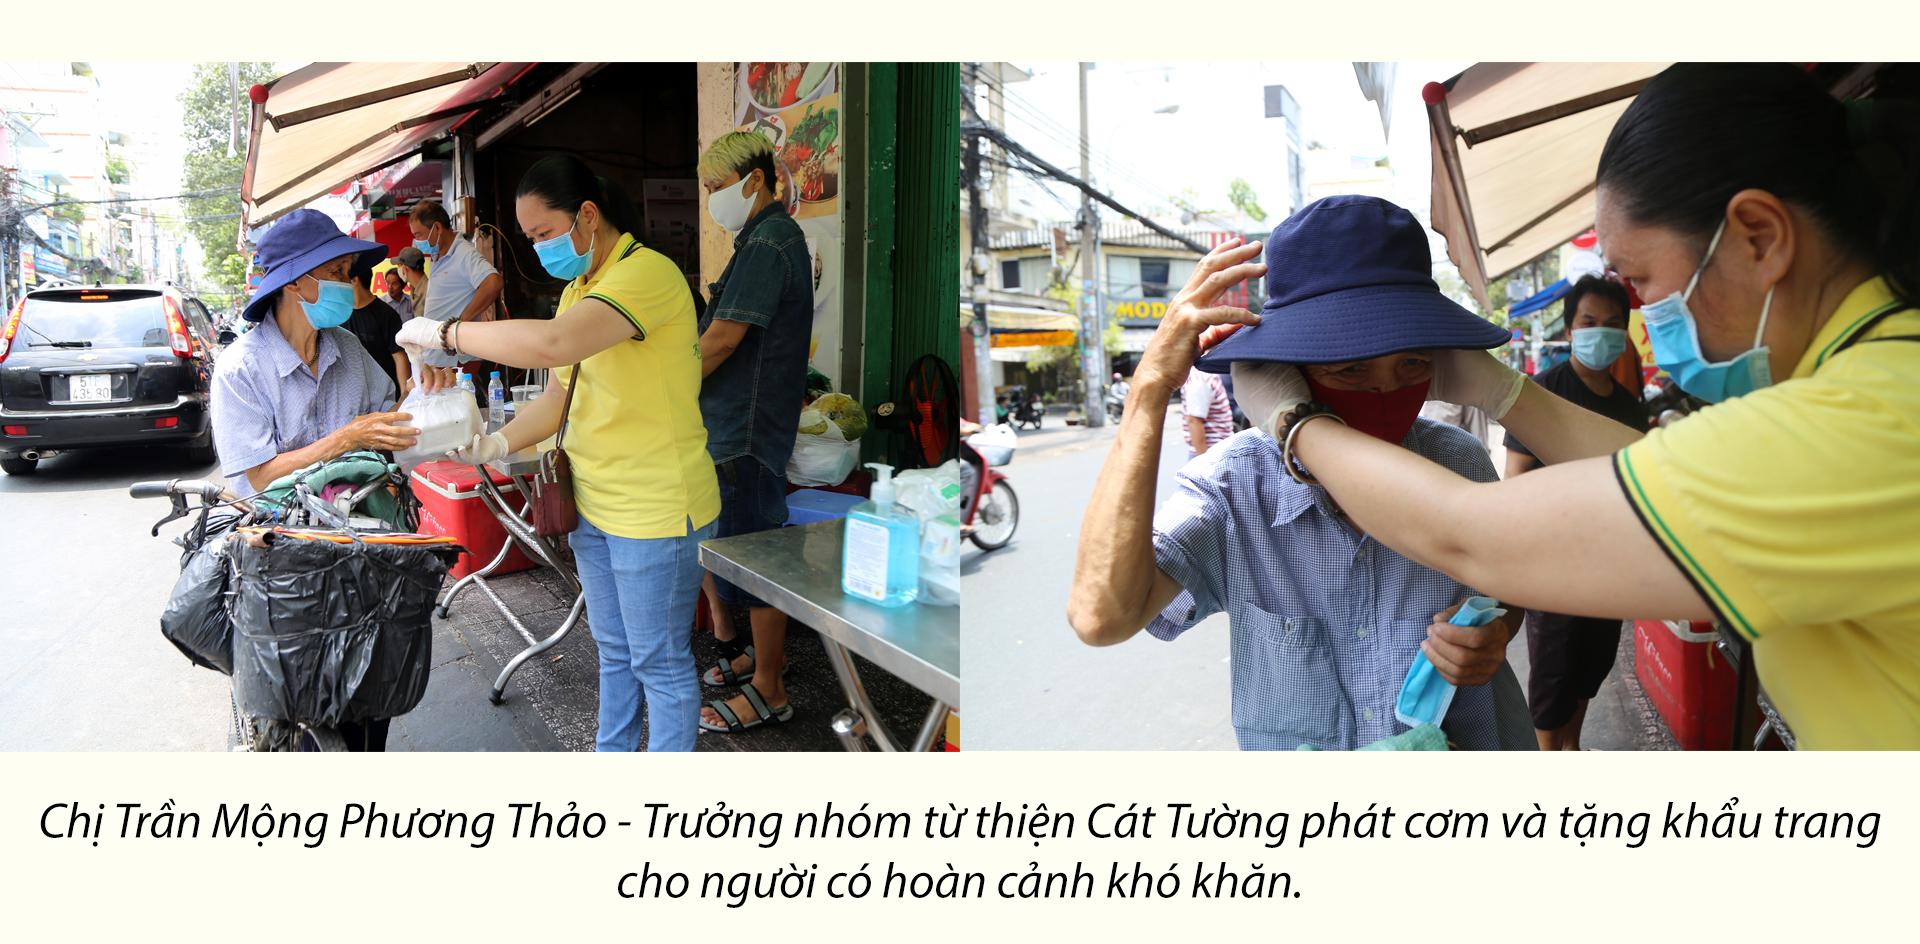 Người Sài Gòn dìu nhau qua đại dịch - ảnh 9